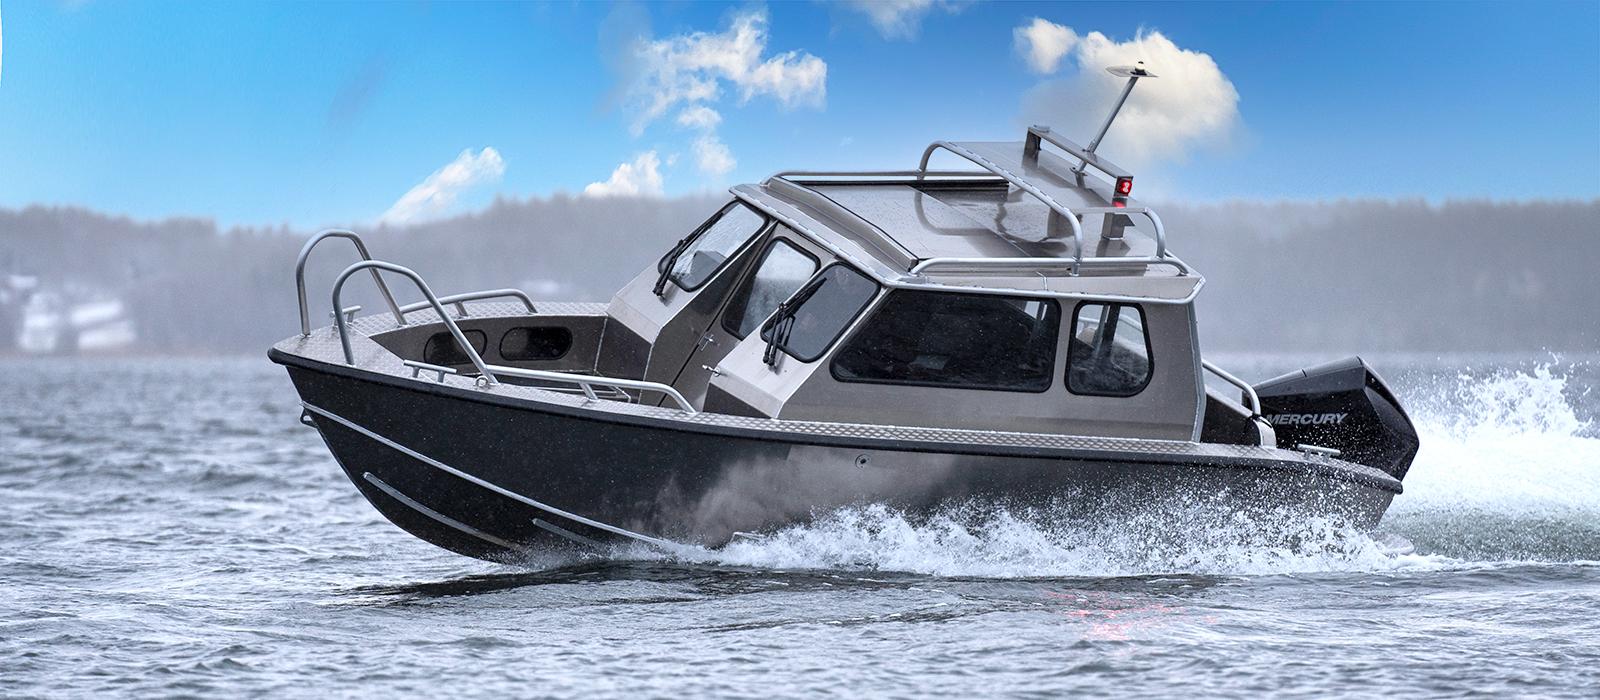 Alukin SC 650 med Mercury V6-200 hk | Sportig aluminiumhyttbåt för snabba transporter